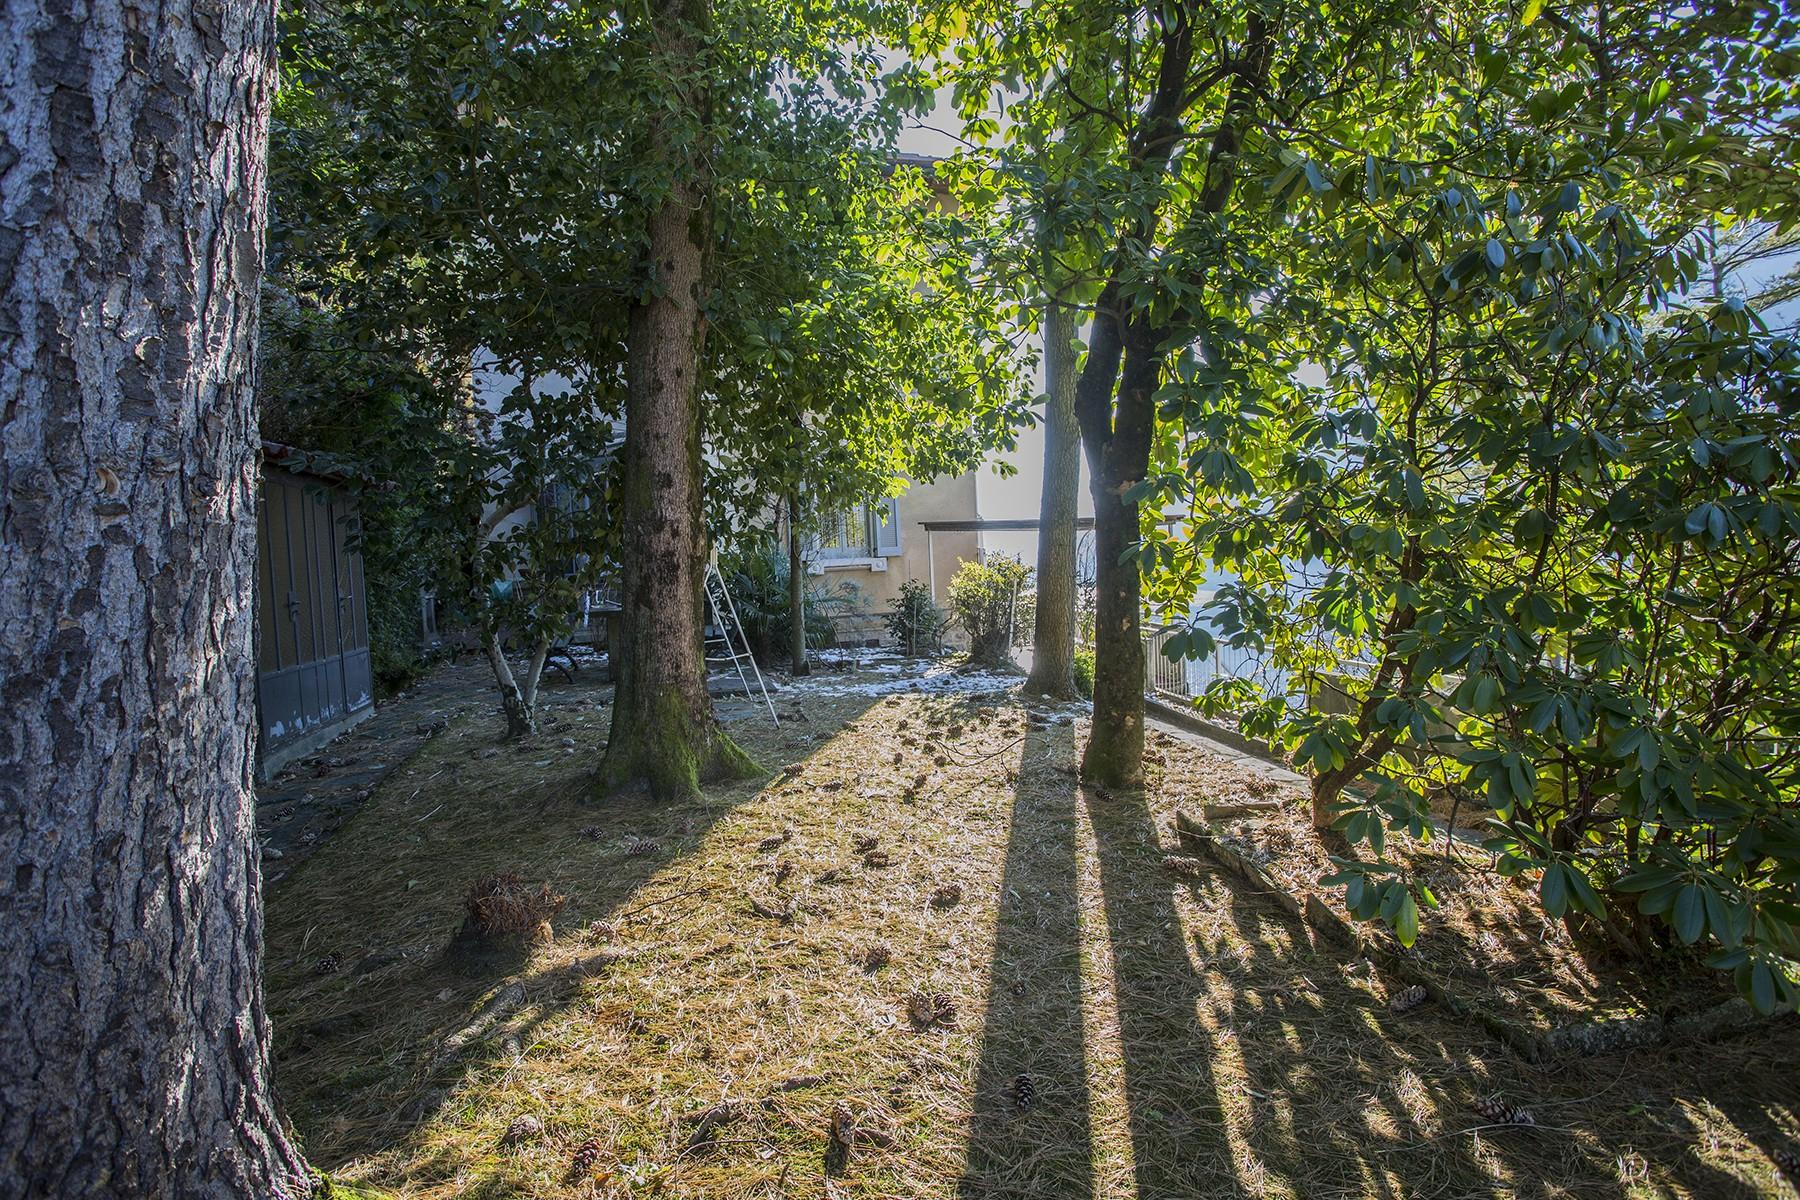 Villa in Vendita a Nesso: 5 locali, 250 mq - Foto 7